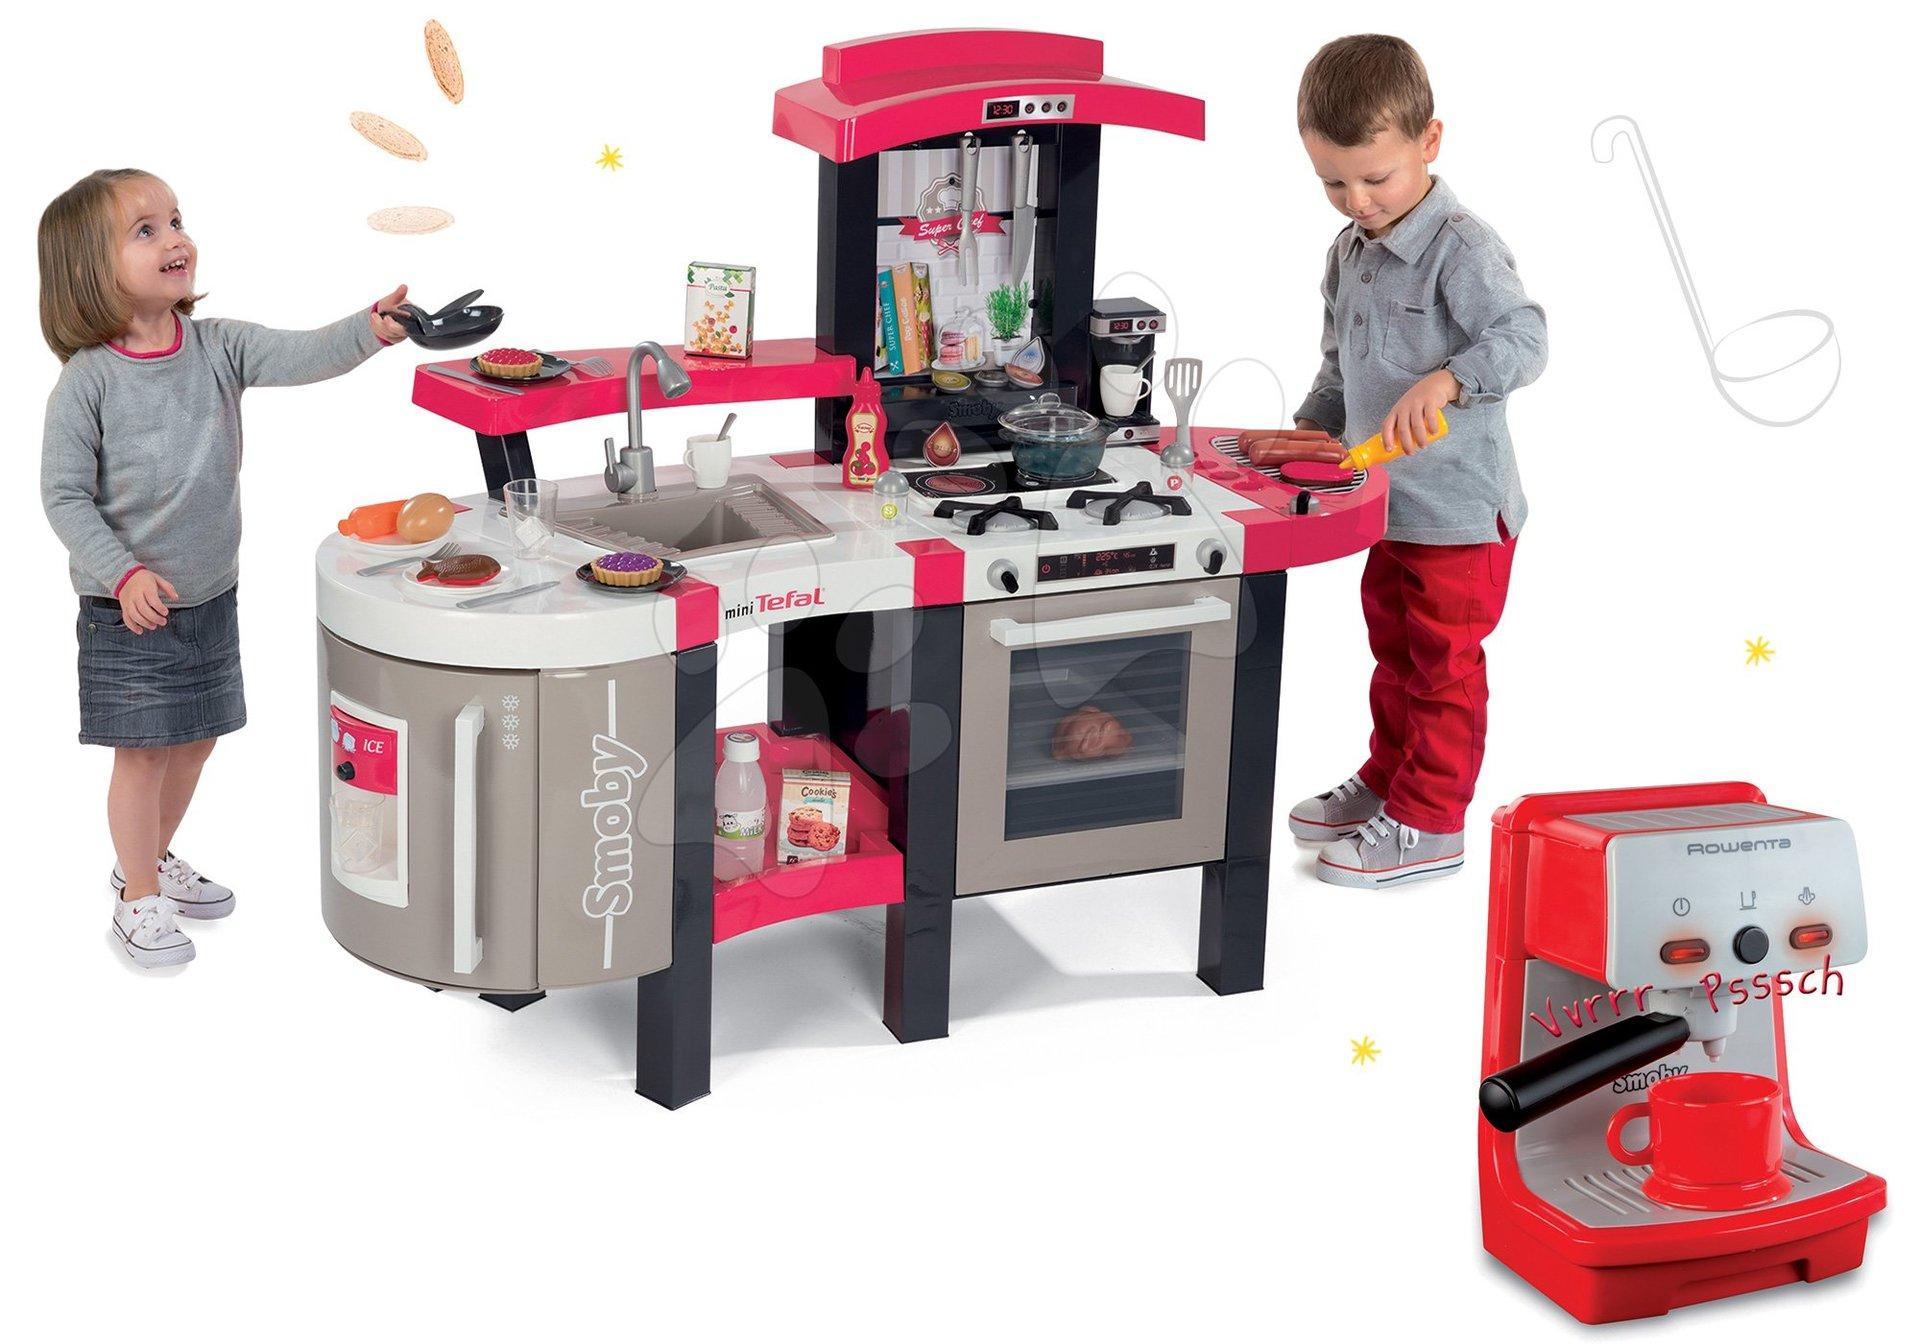 Kuchynky pre deti sety - Set kuchynka Tefal SuperChef Smoby s grilom a ľadom a elektronický kávovar Rowenta Espresso